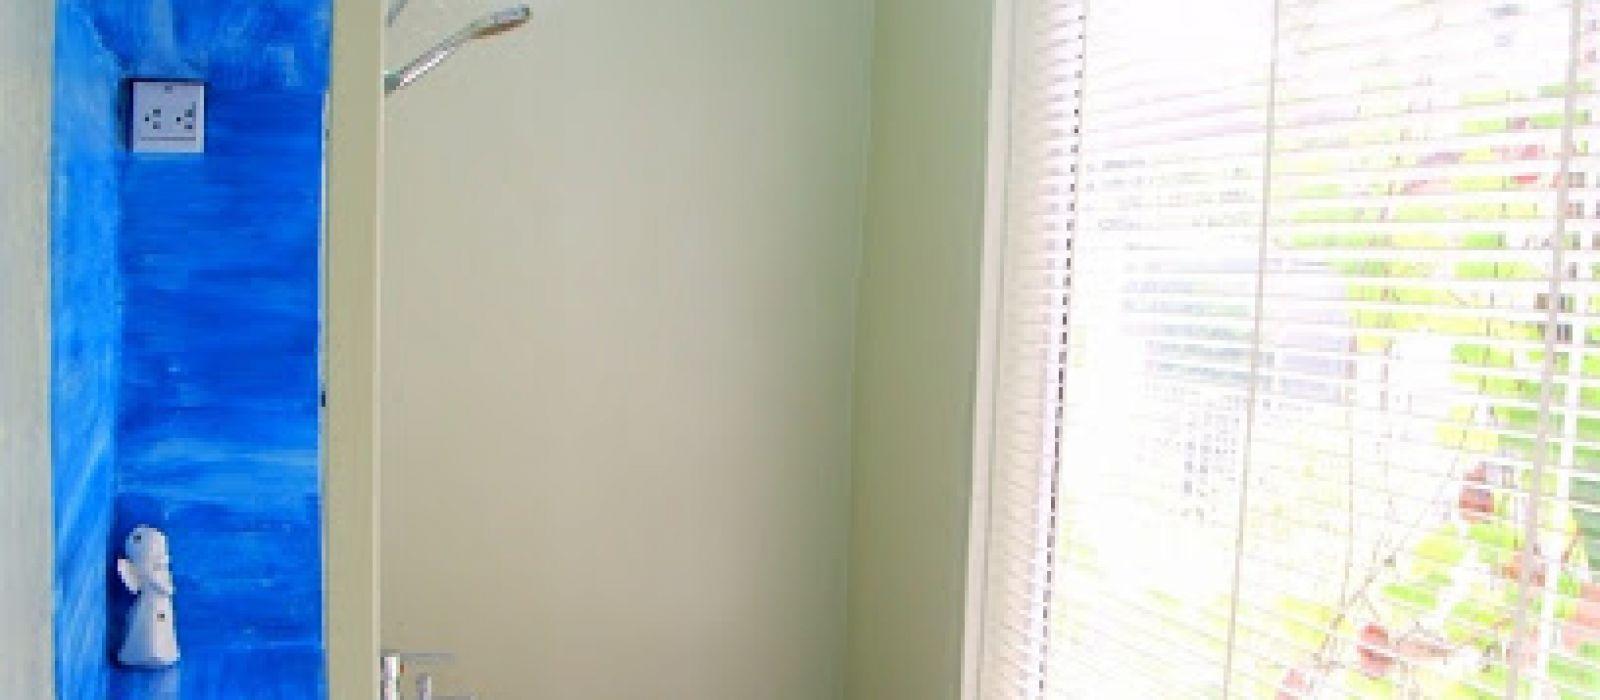 ห้องน้ำ ห้องนางฟ้า ให้รีสอร์ท ที่พักบางแสน ชลบุรี